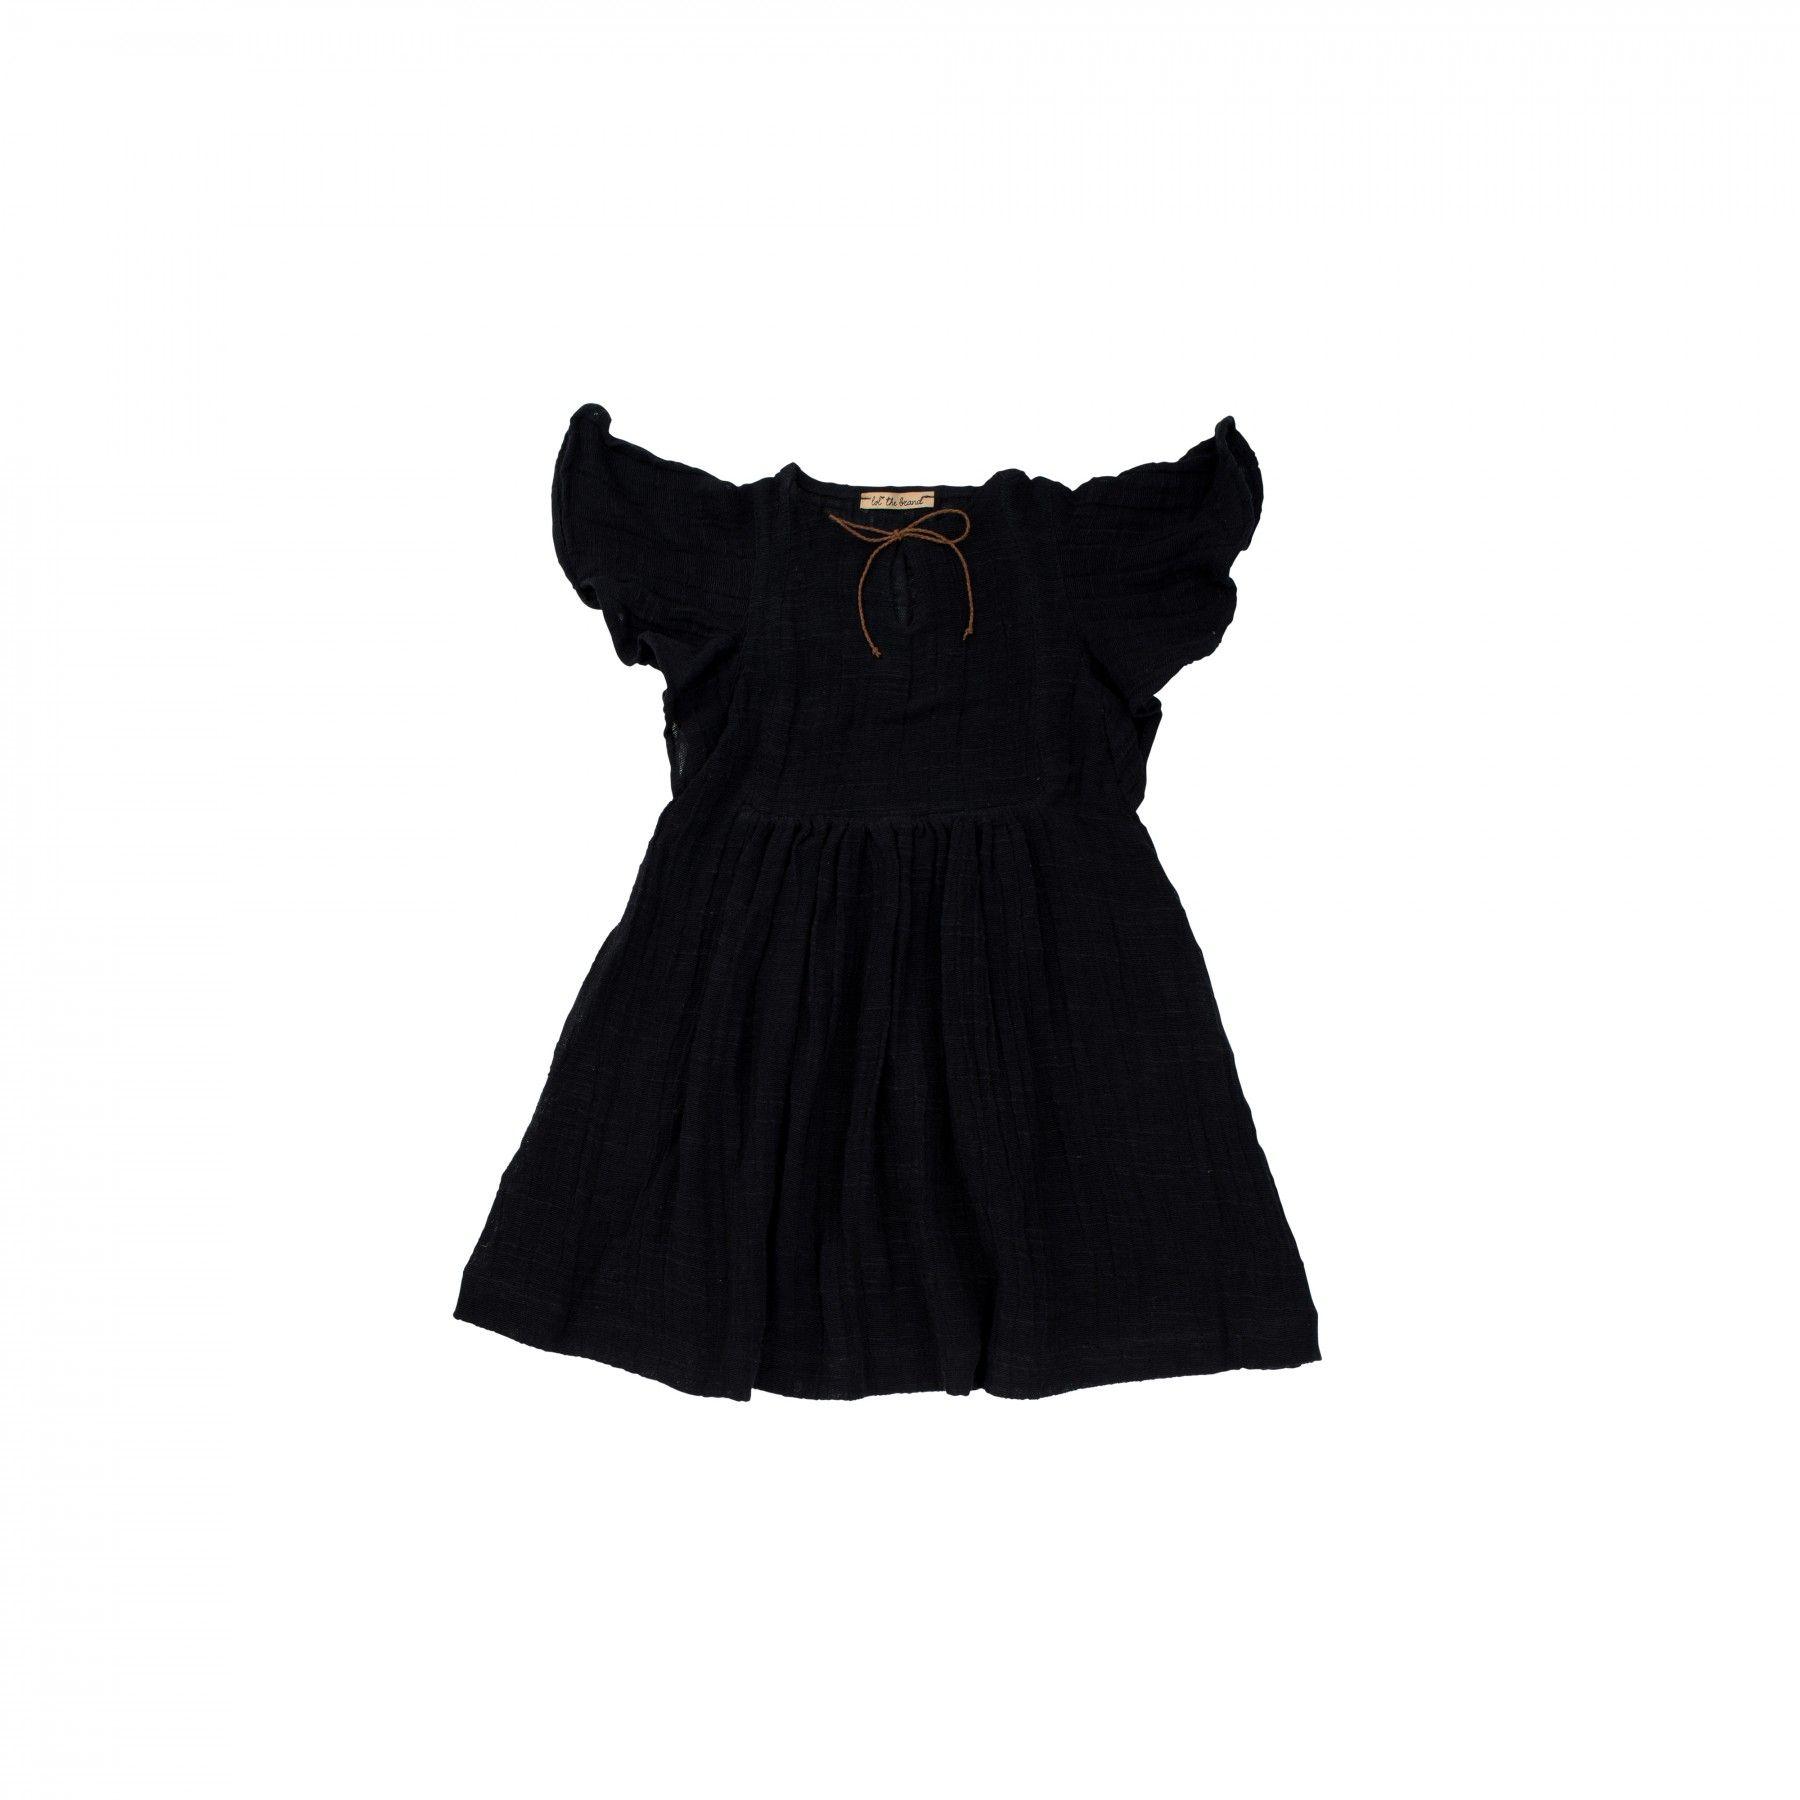 Lol the brand black dress dressesrompers girls cute kid